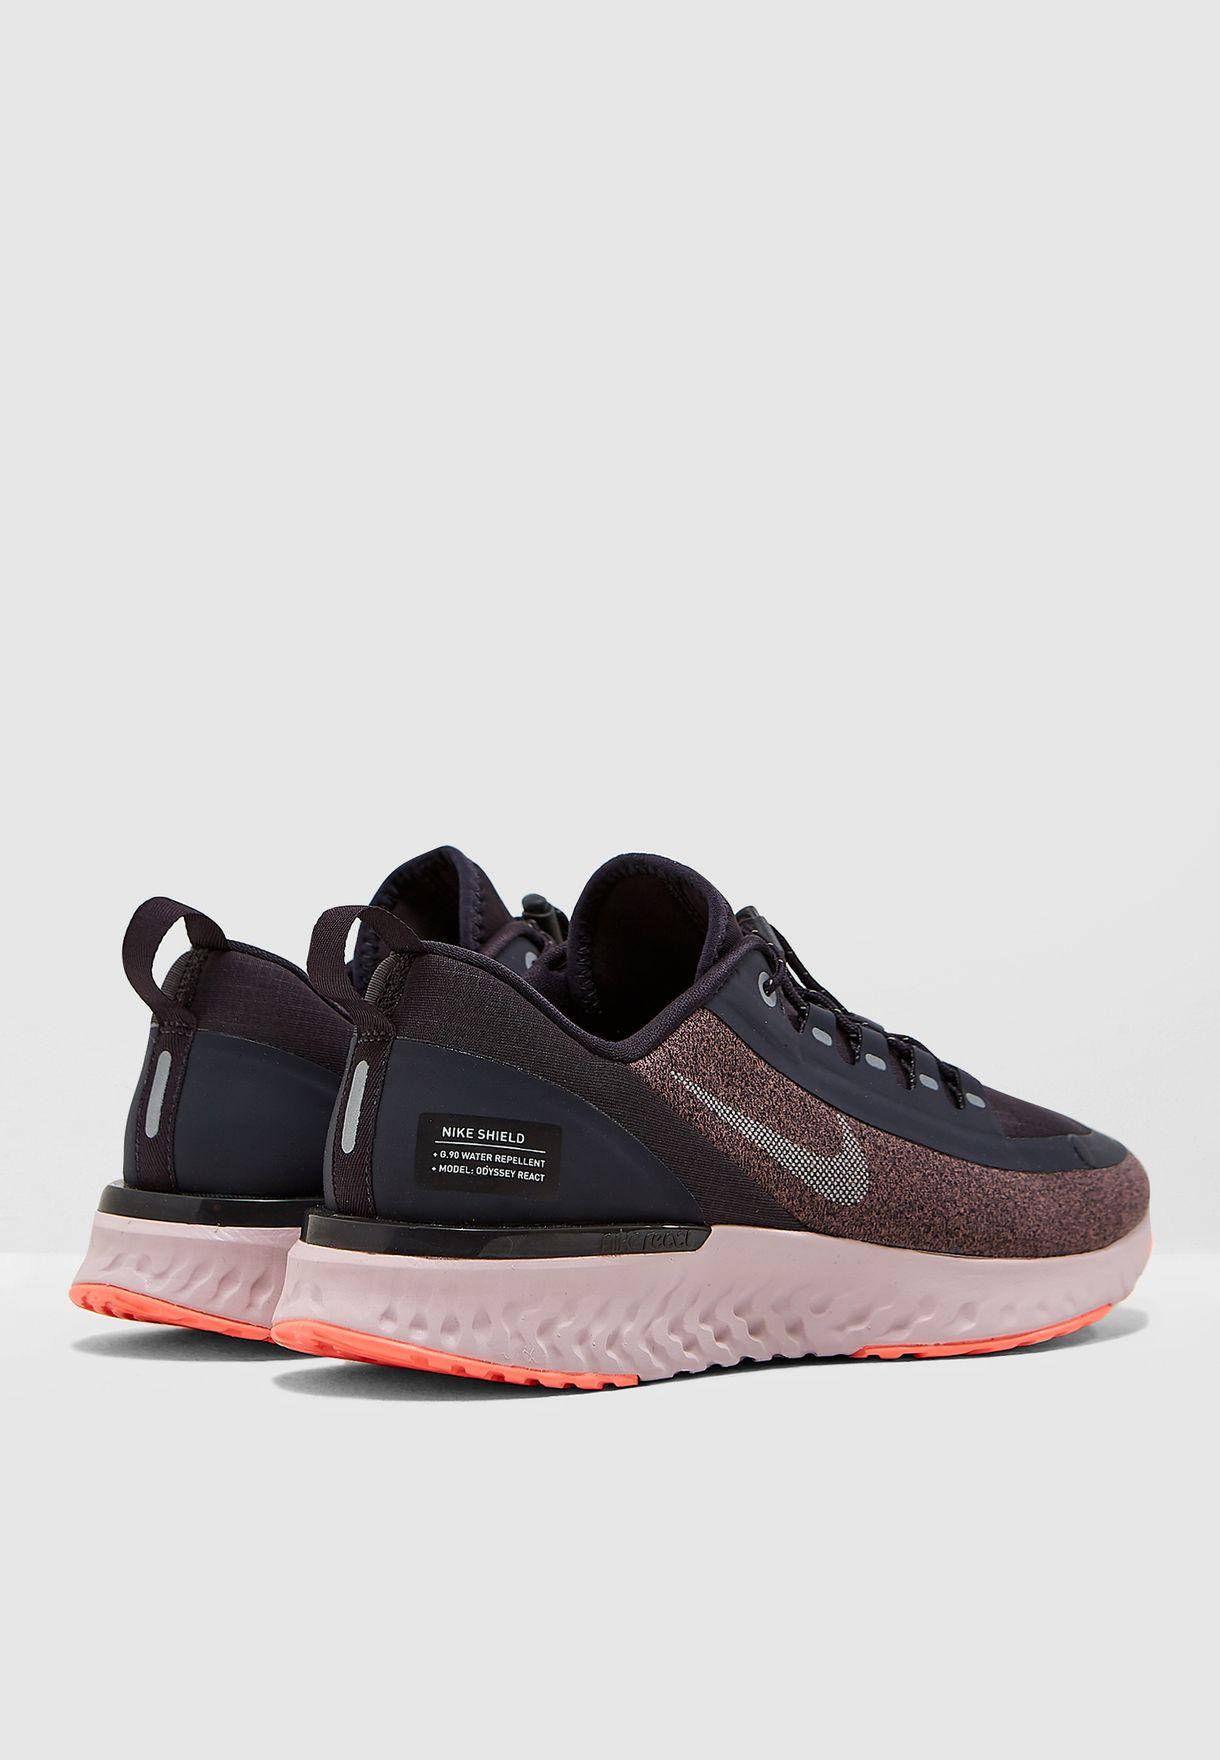 7fffde4642a83 Shop Nike black Odyssey React Shield AA1635-002 for Women in UAE ...